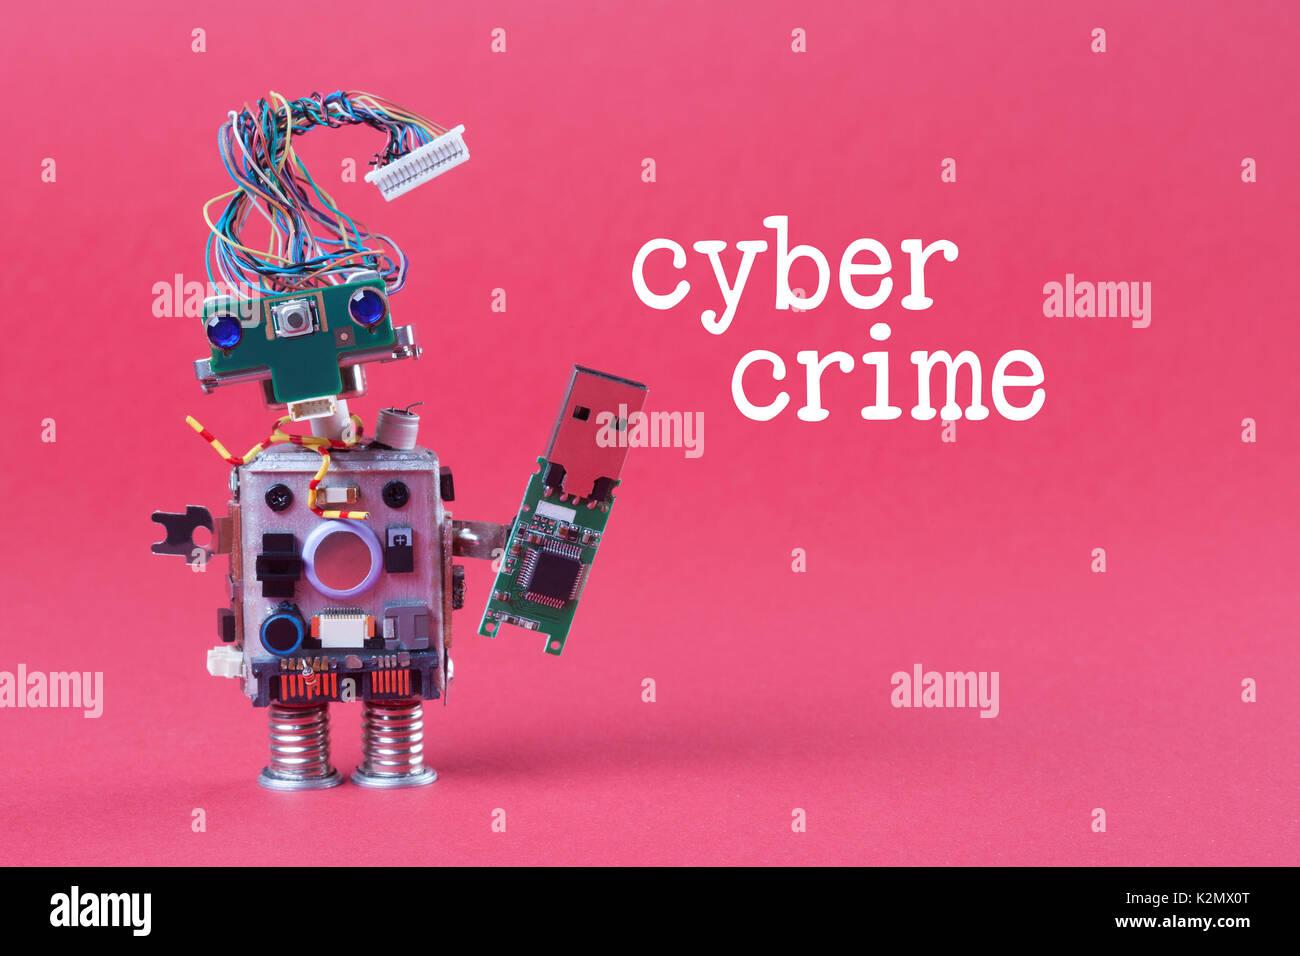 La cibercriminalità e dati concetto di hacking. Robot retrò con schede di archiviazione flash USB stick, computer elegante carattere dagli occhi blu, testa di filo elettrico acconciatura. Sfondo rosa Immagini Stock